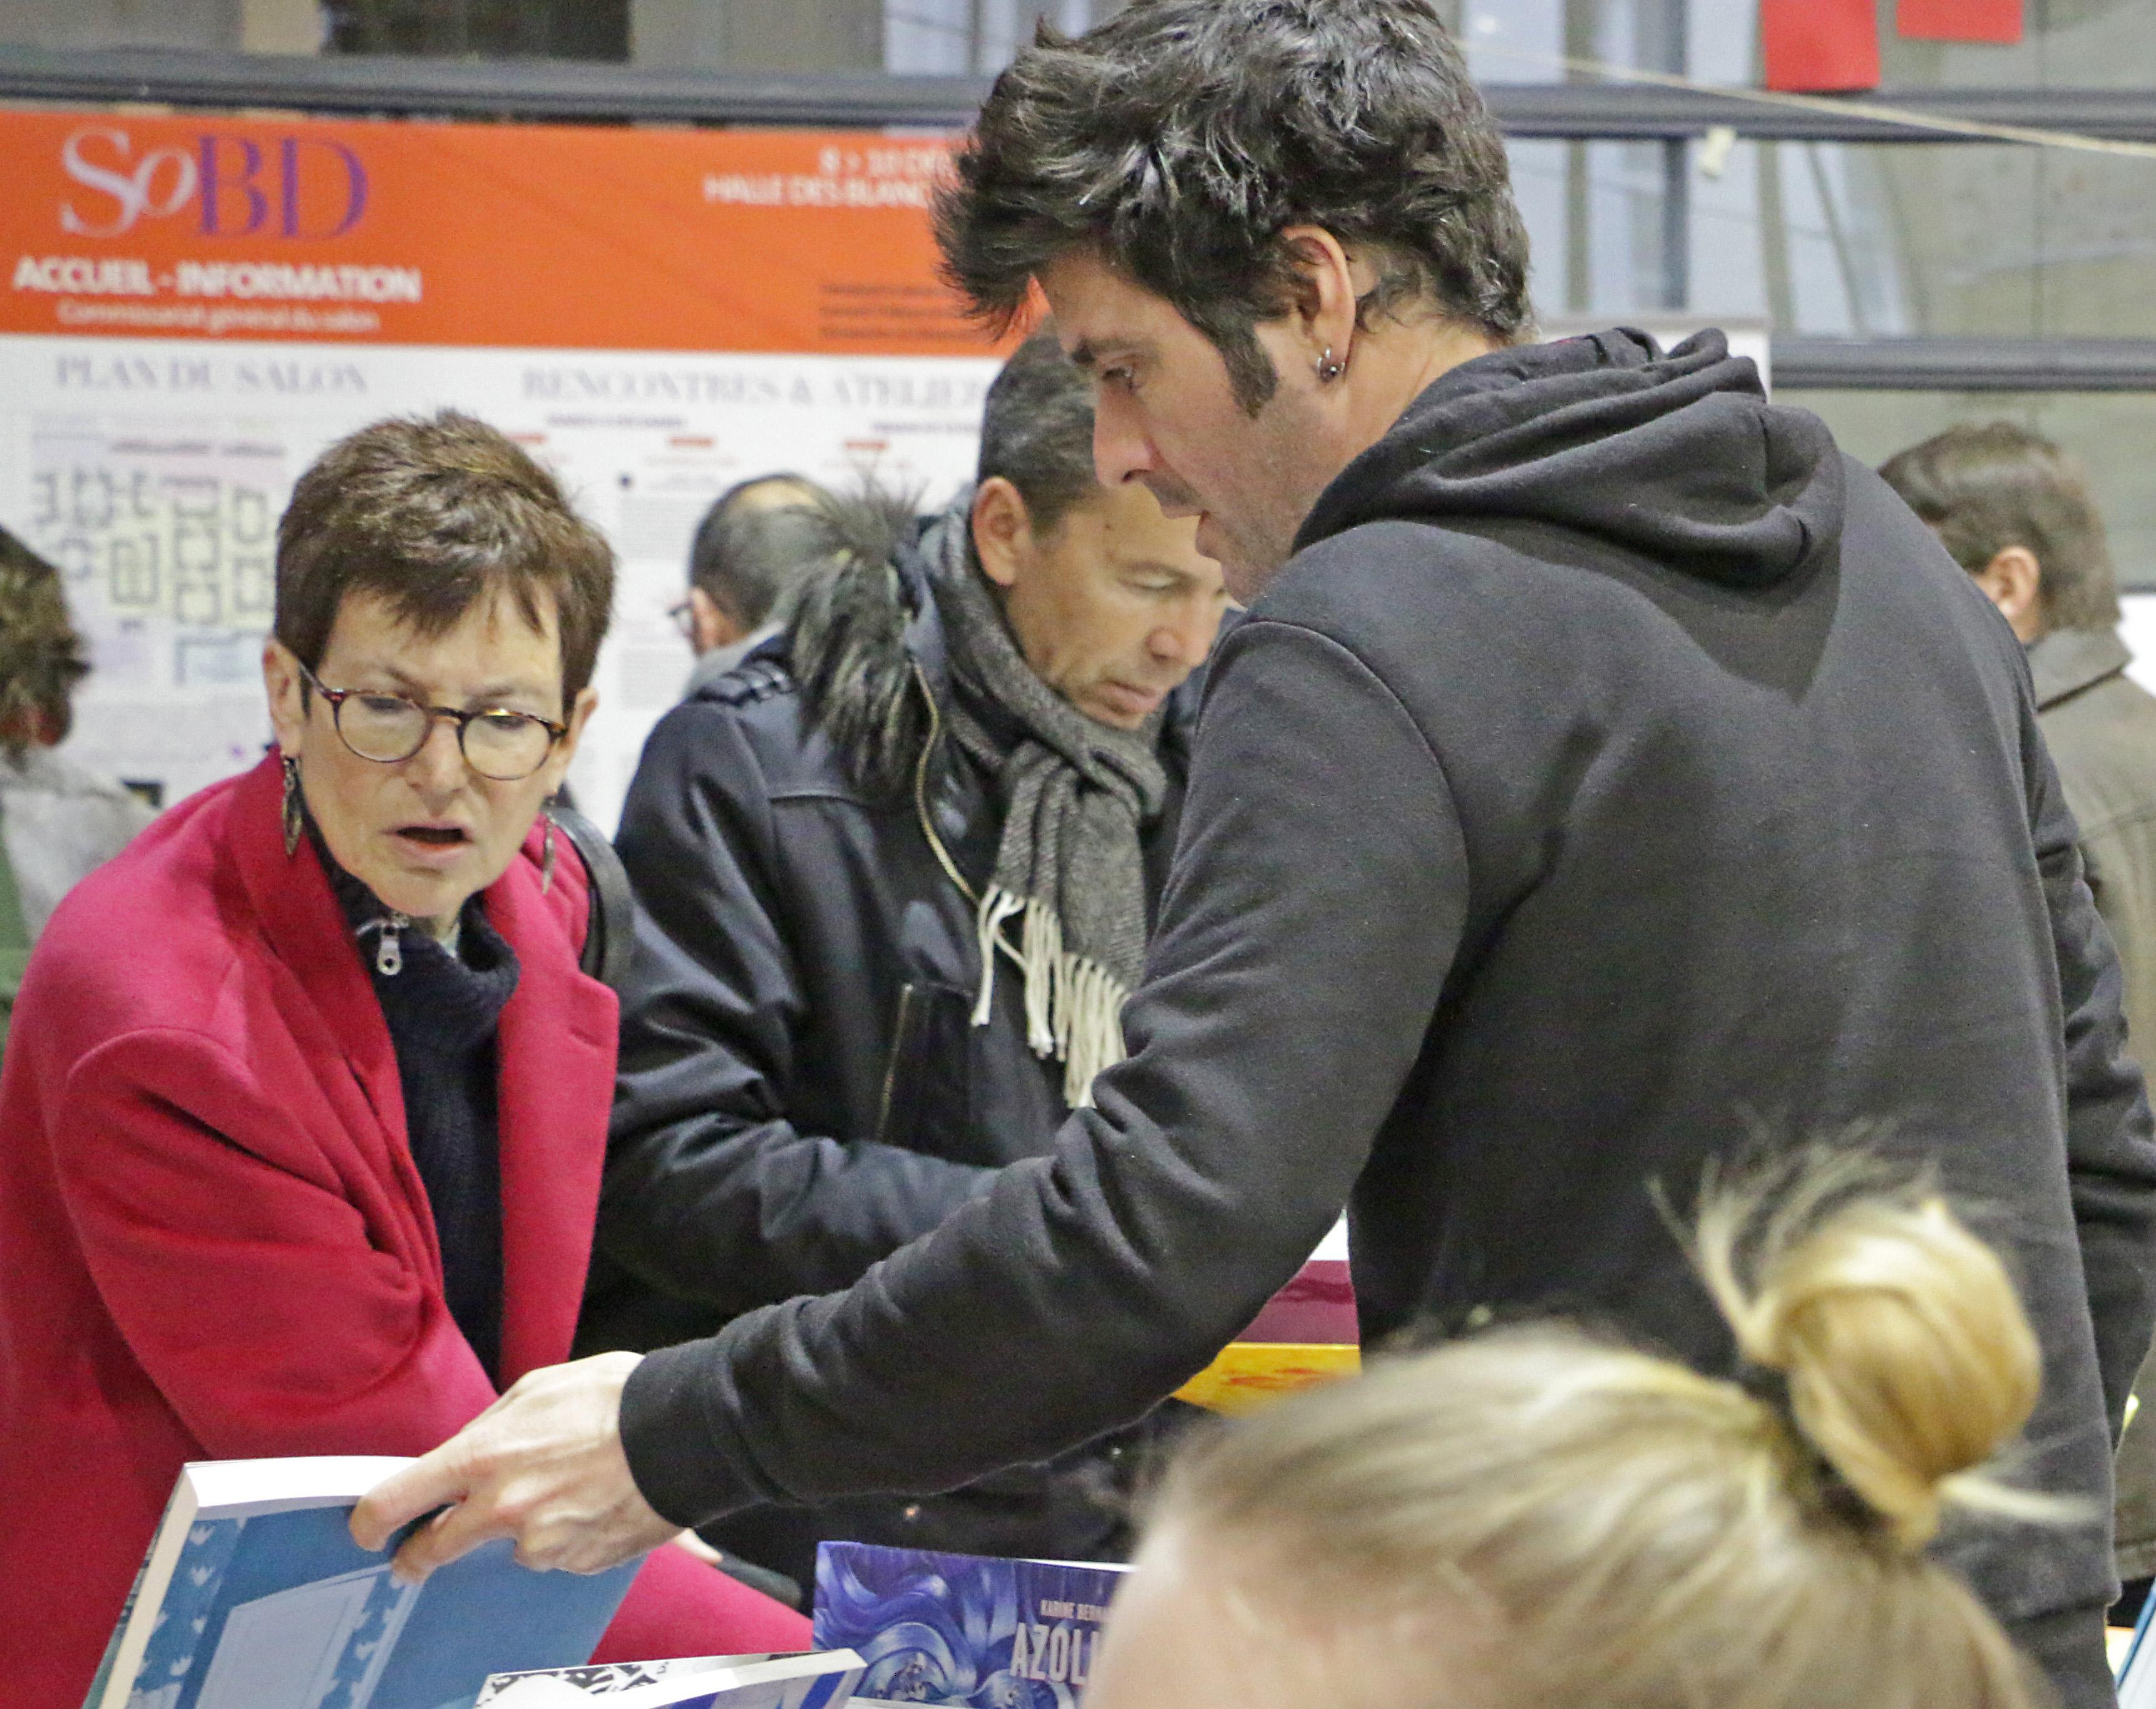 Ann Miller en visite sur le stand d'Atrabile